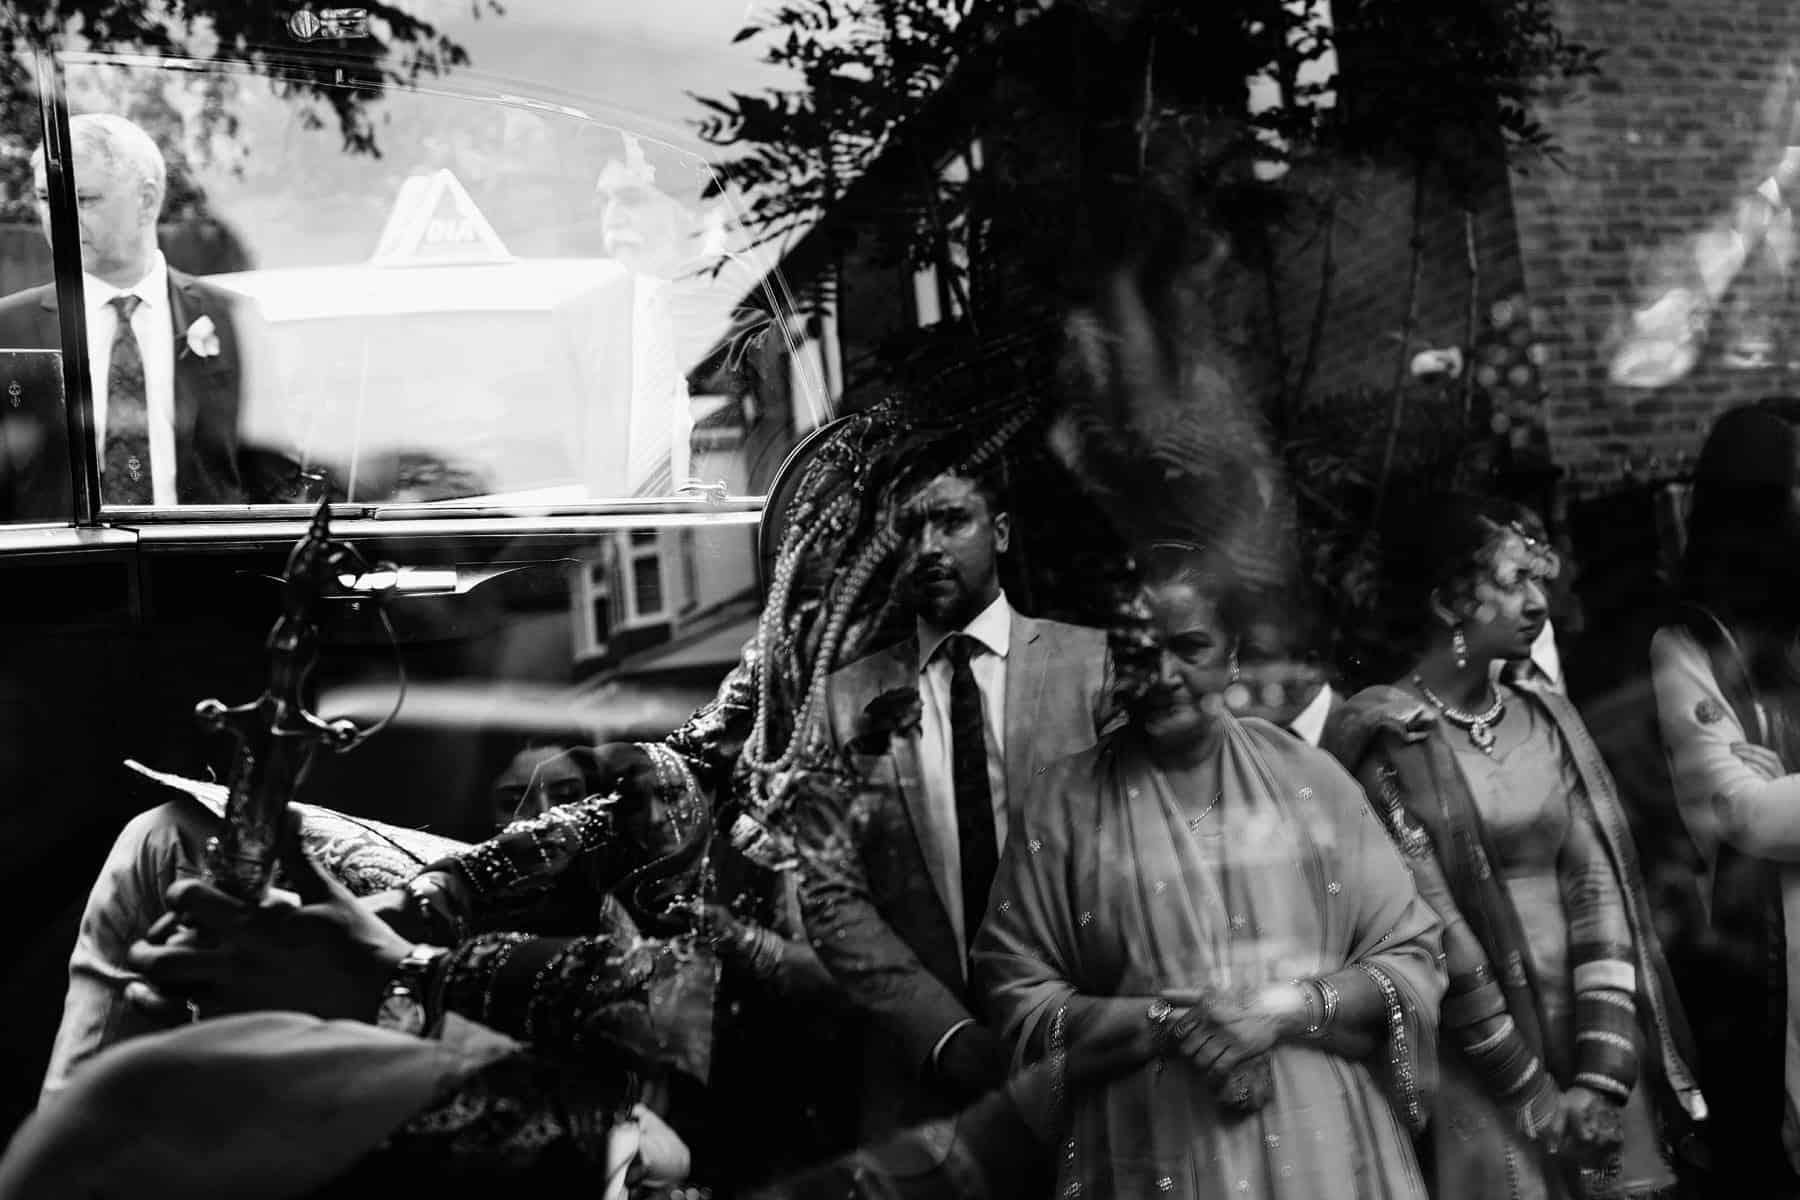 sikh wedding novotel hammersmith